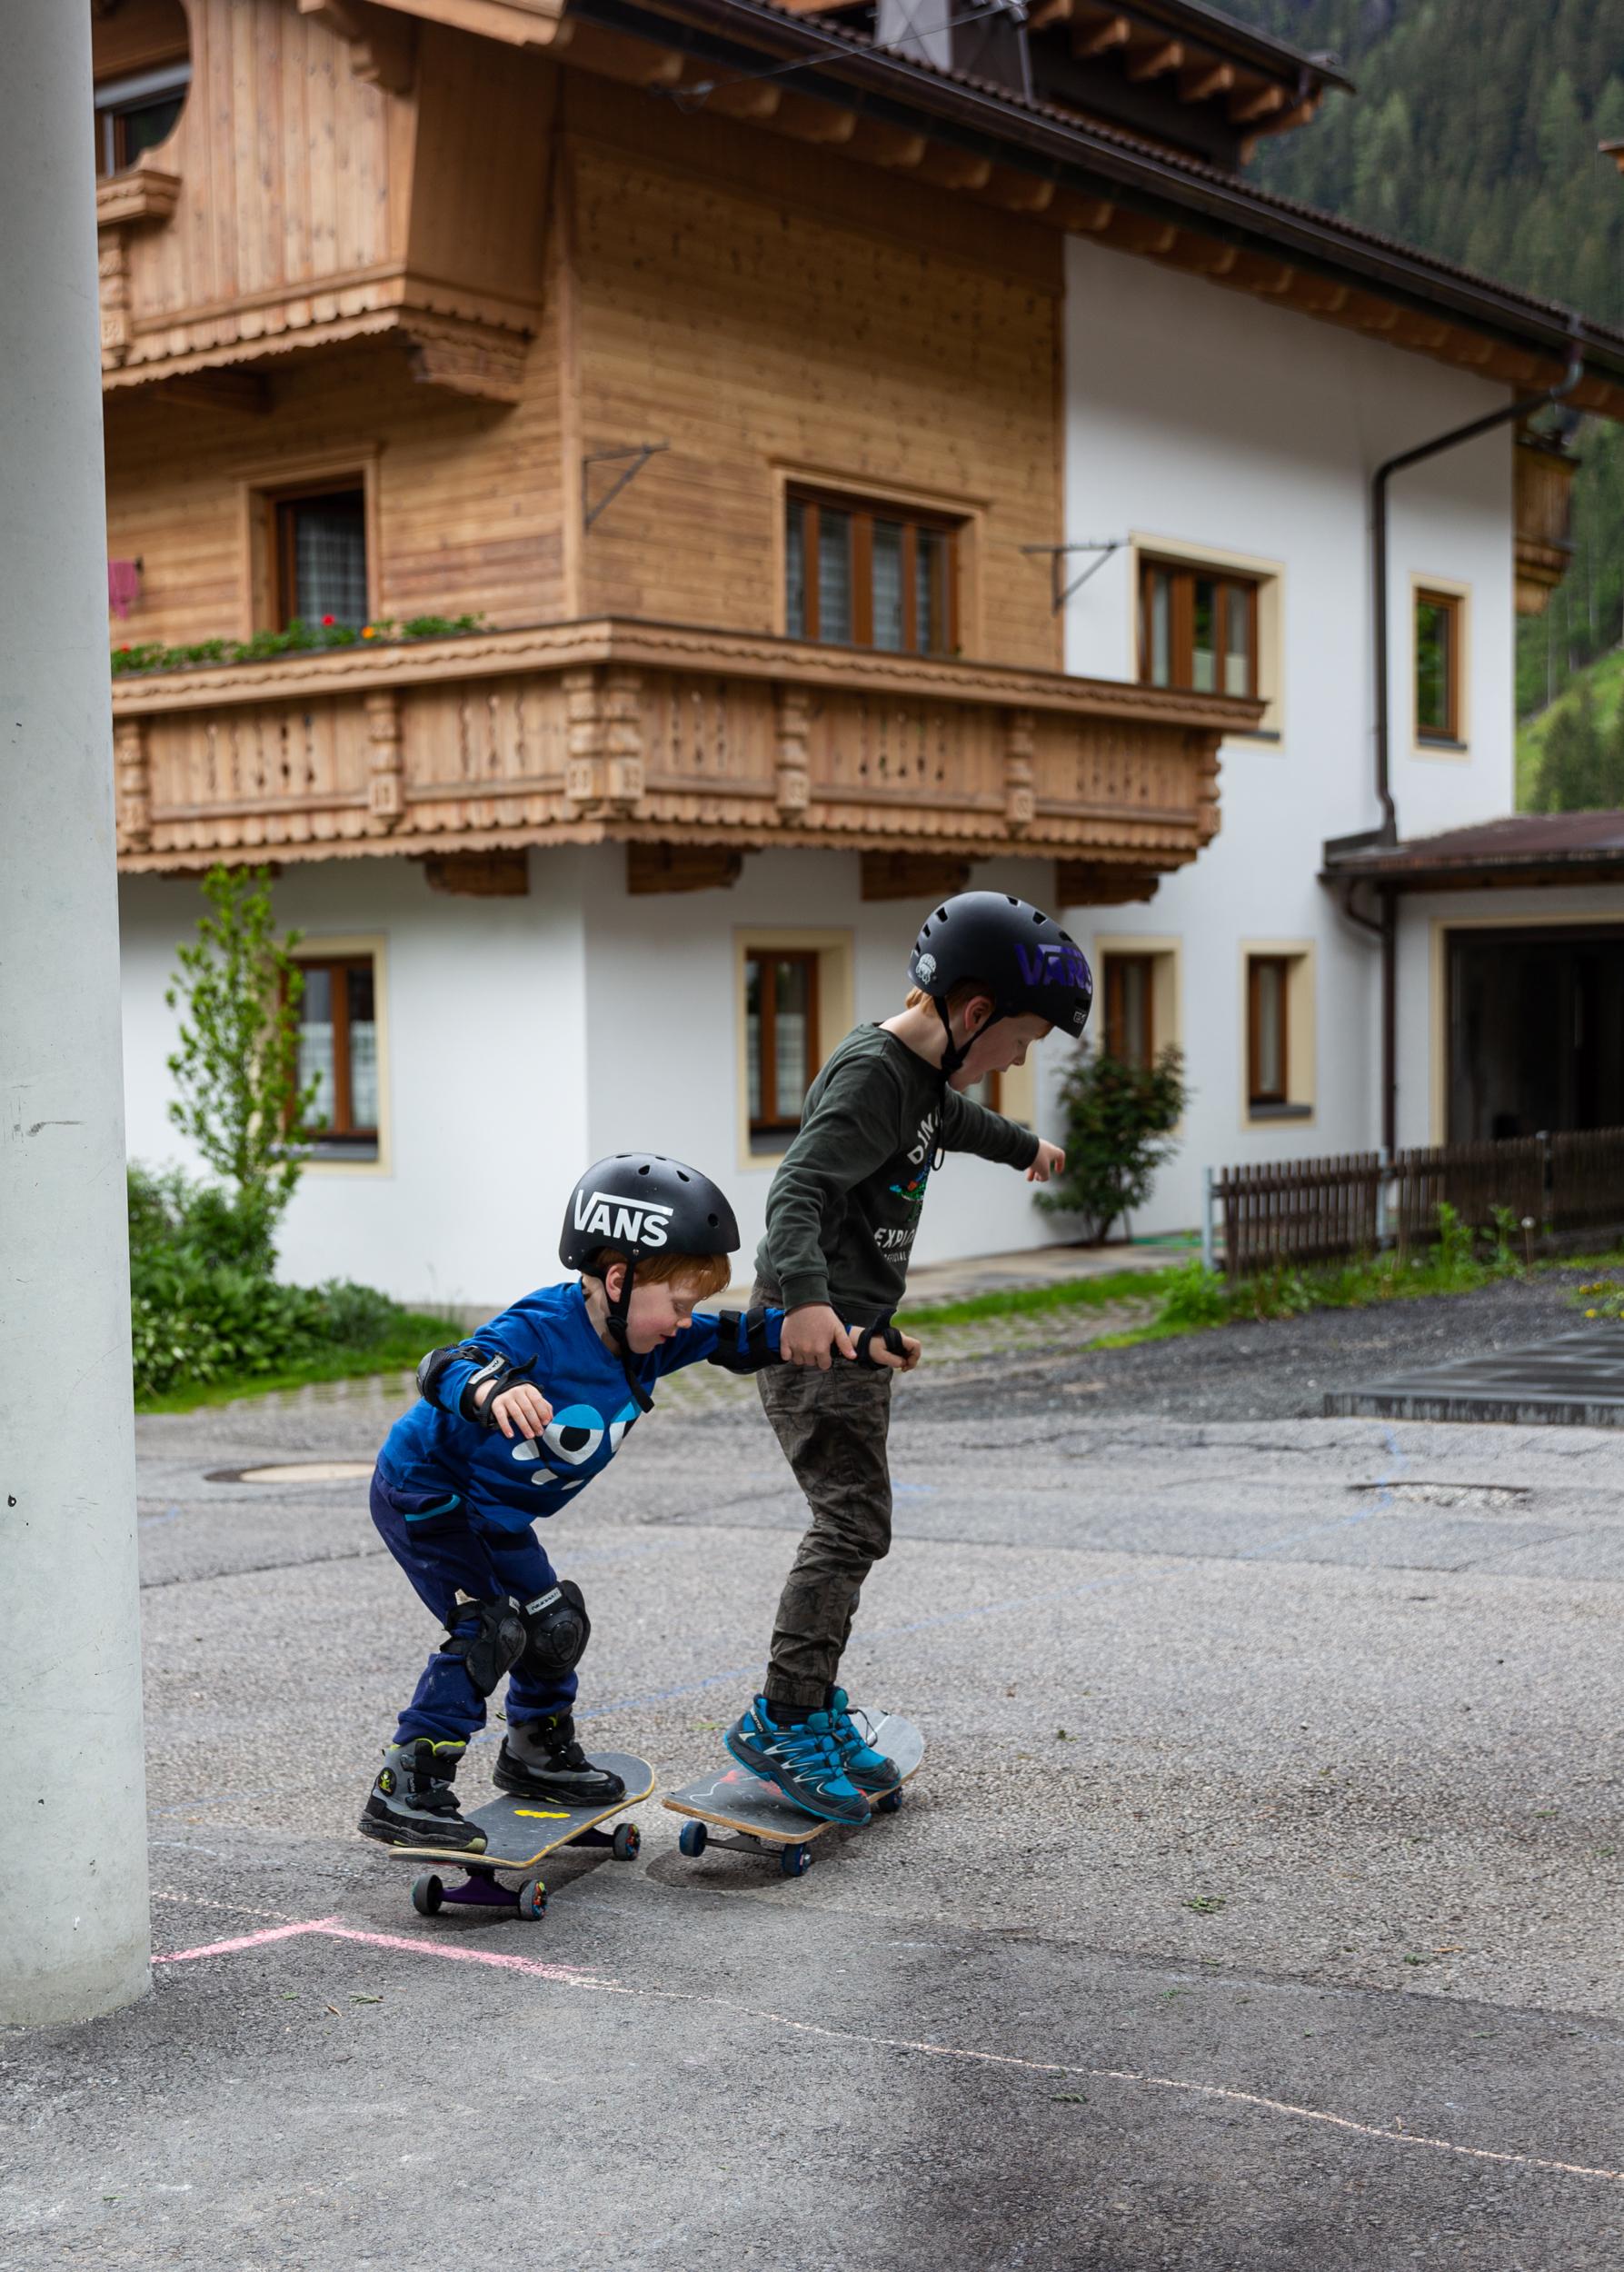 skate practice 19_08.jpg